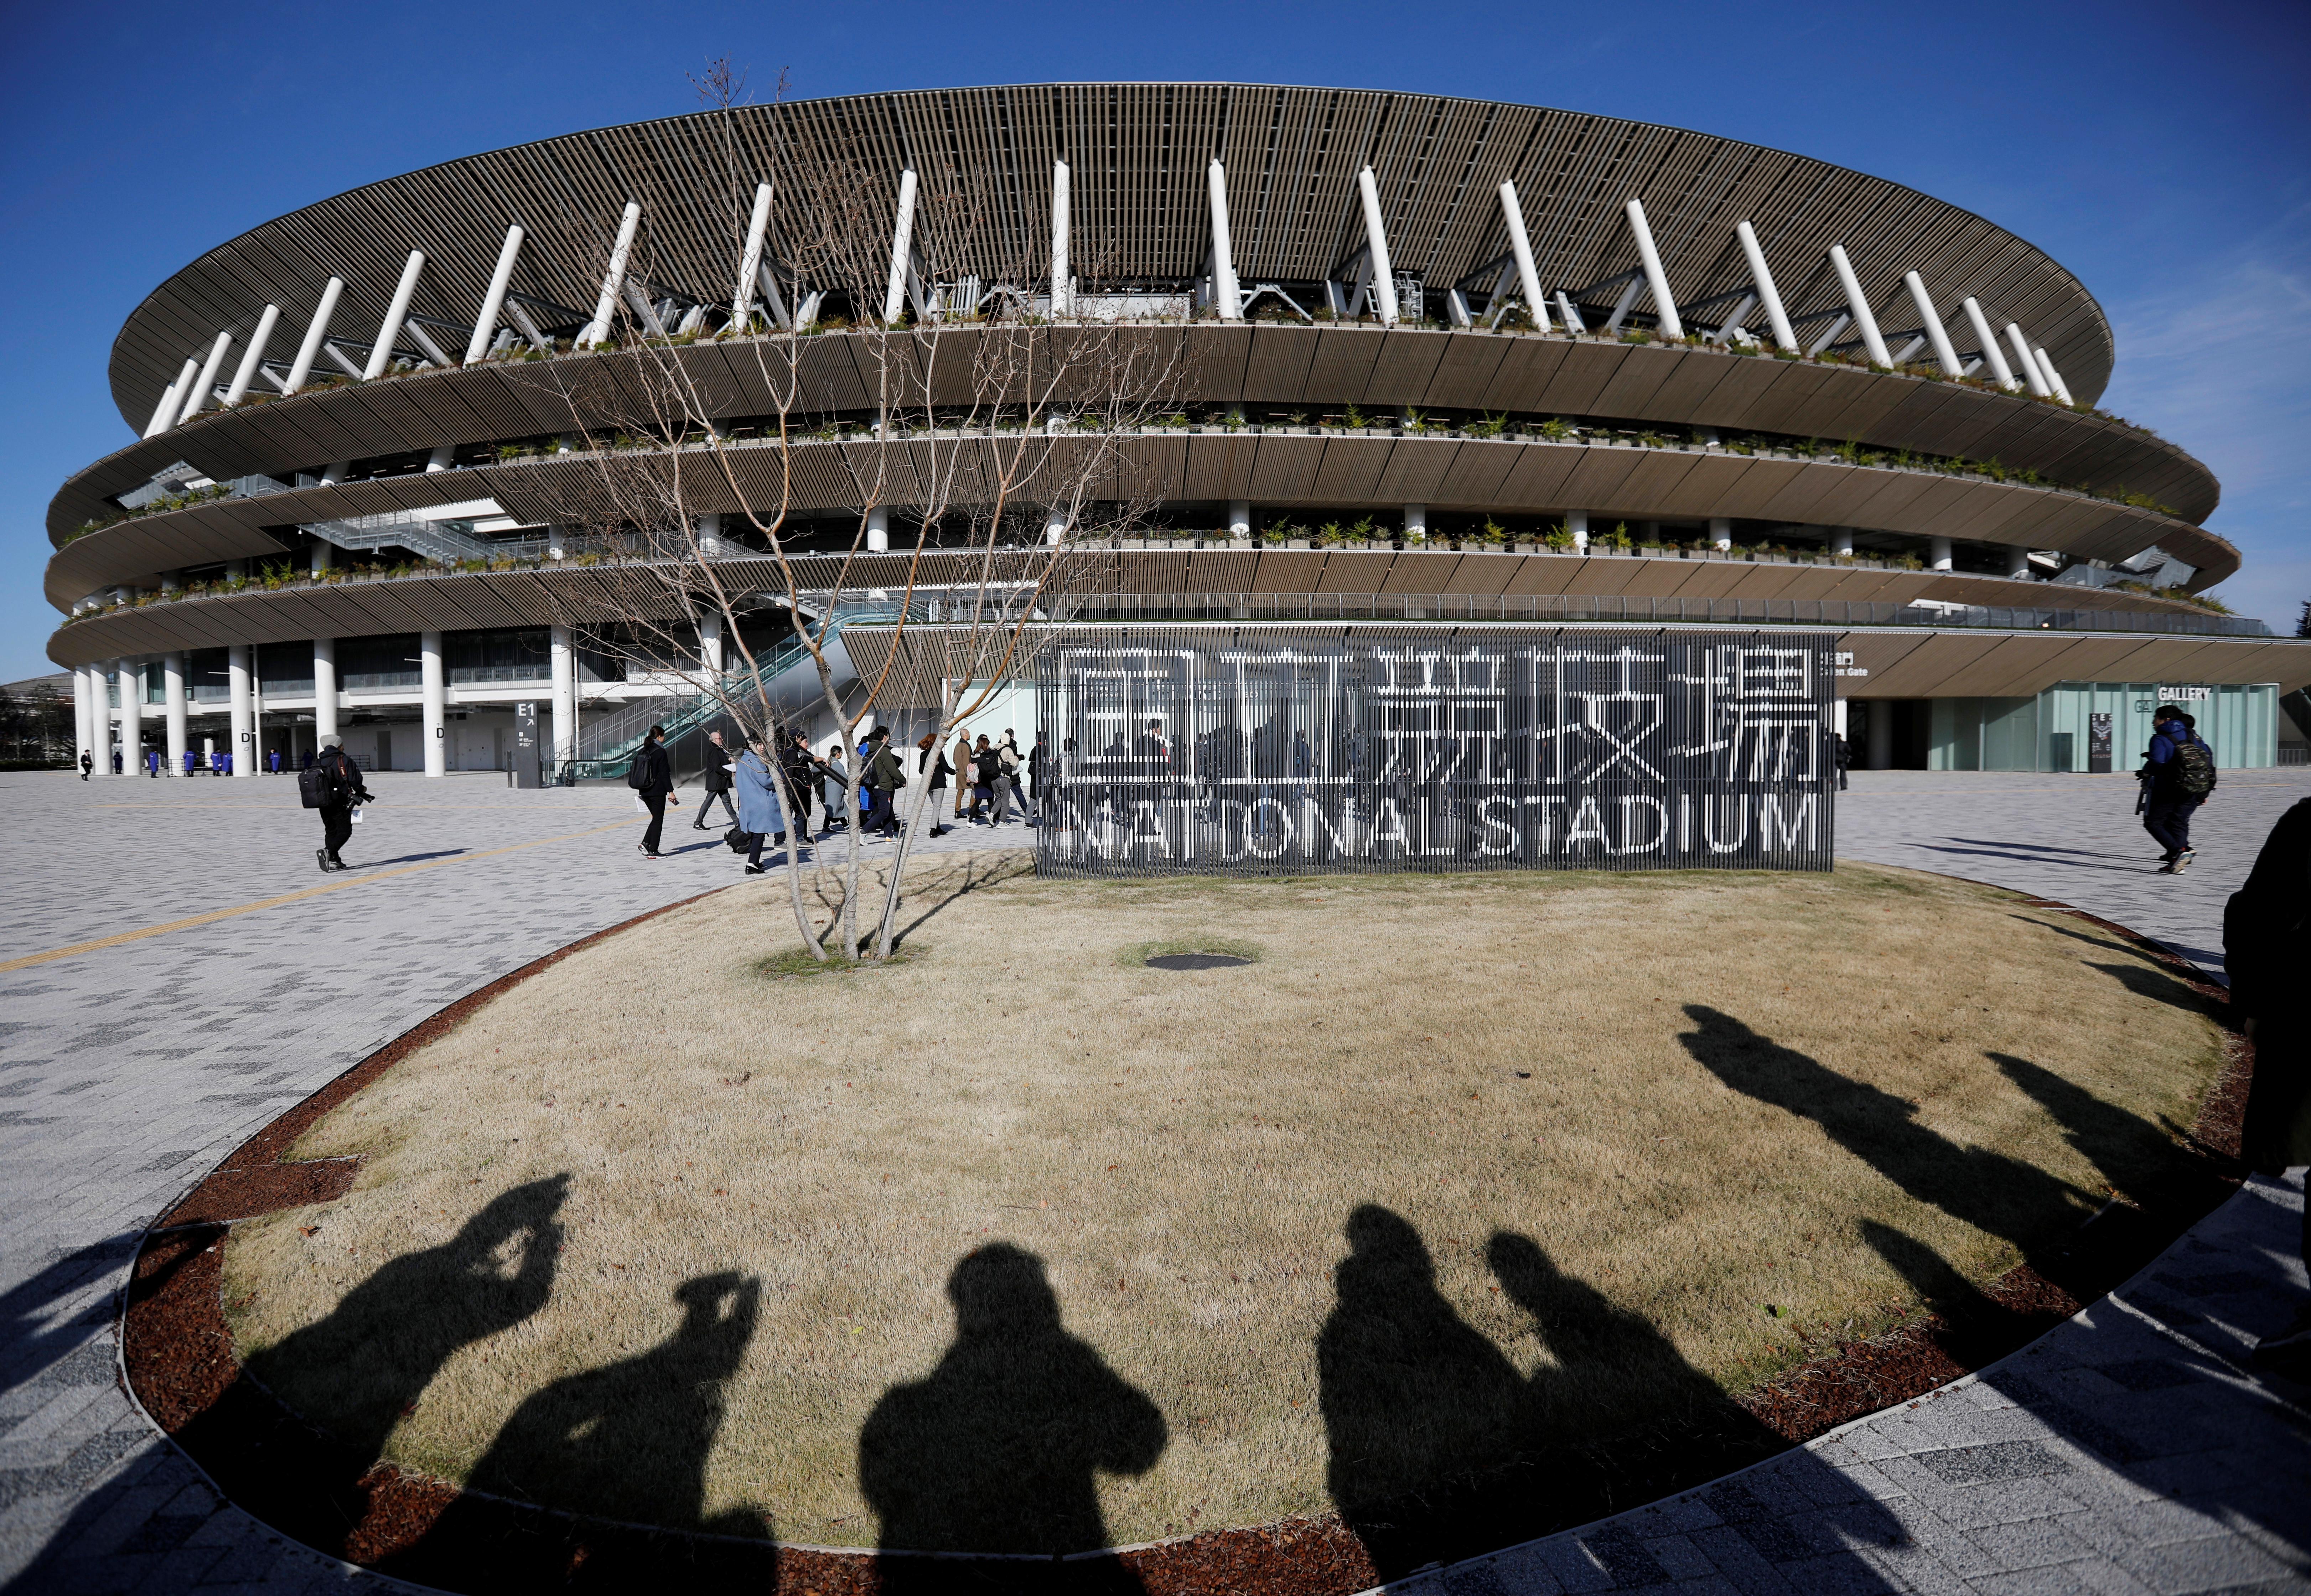 El proyecto de este estadio no fue el inicial, ya que anteriormente se había presentado otro que finalmente fue descartado por su alto costo